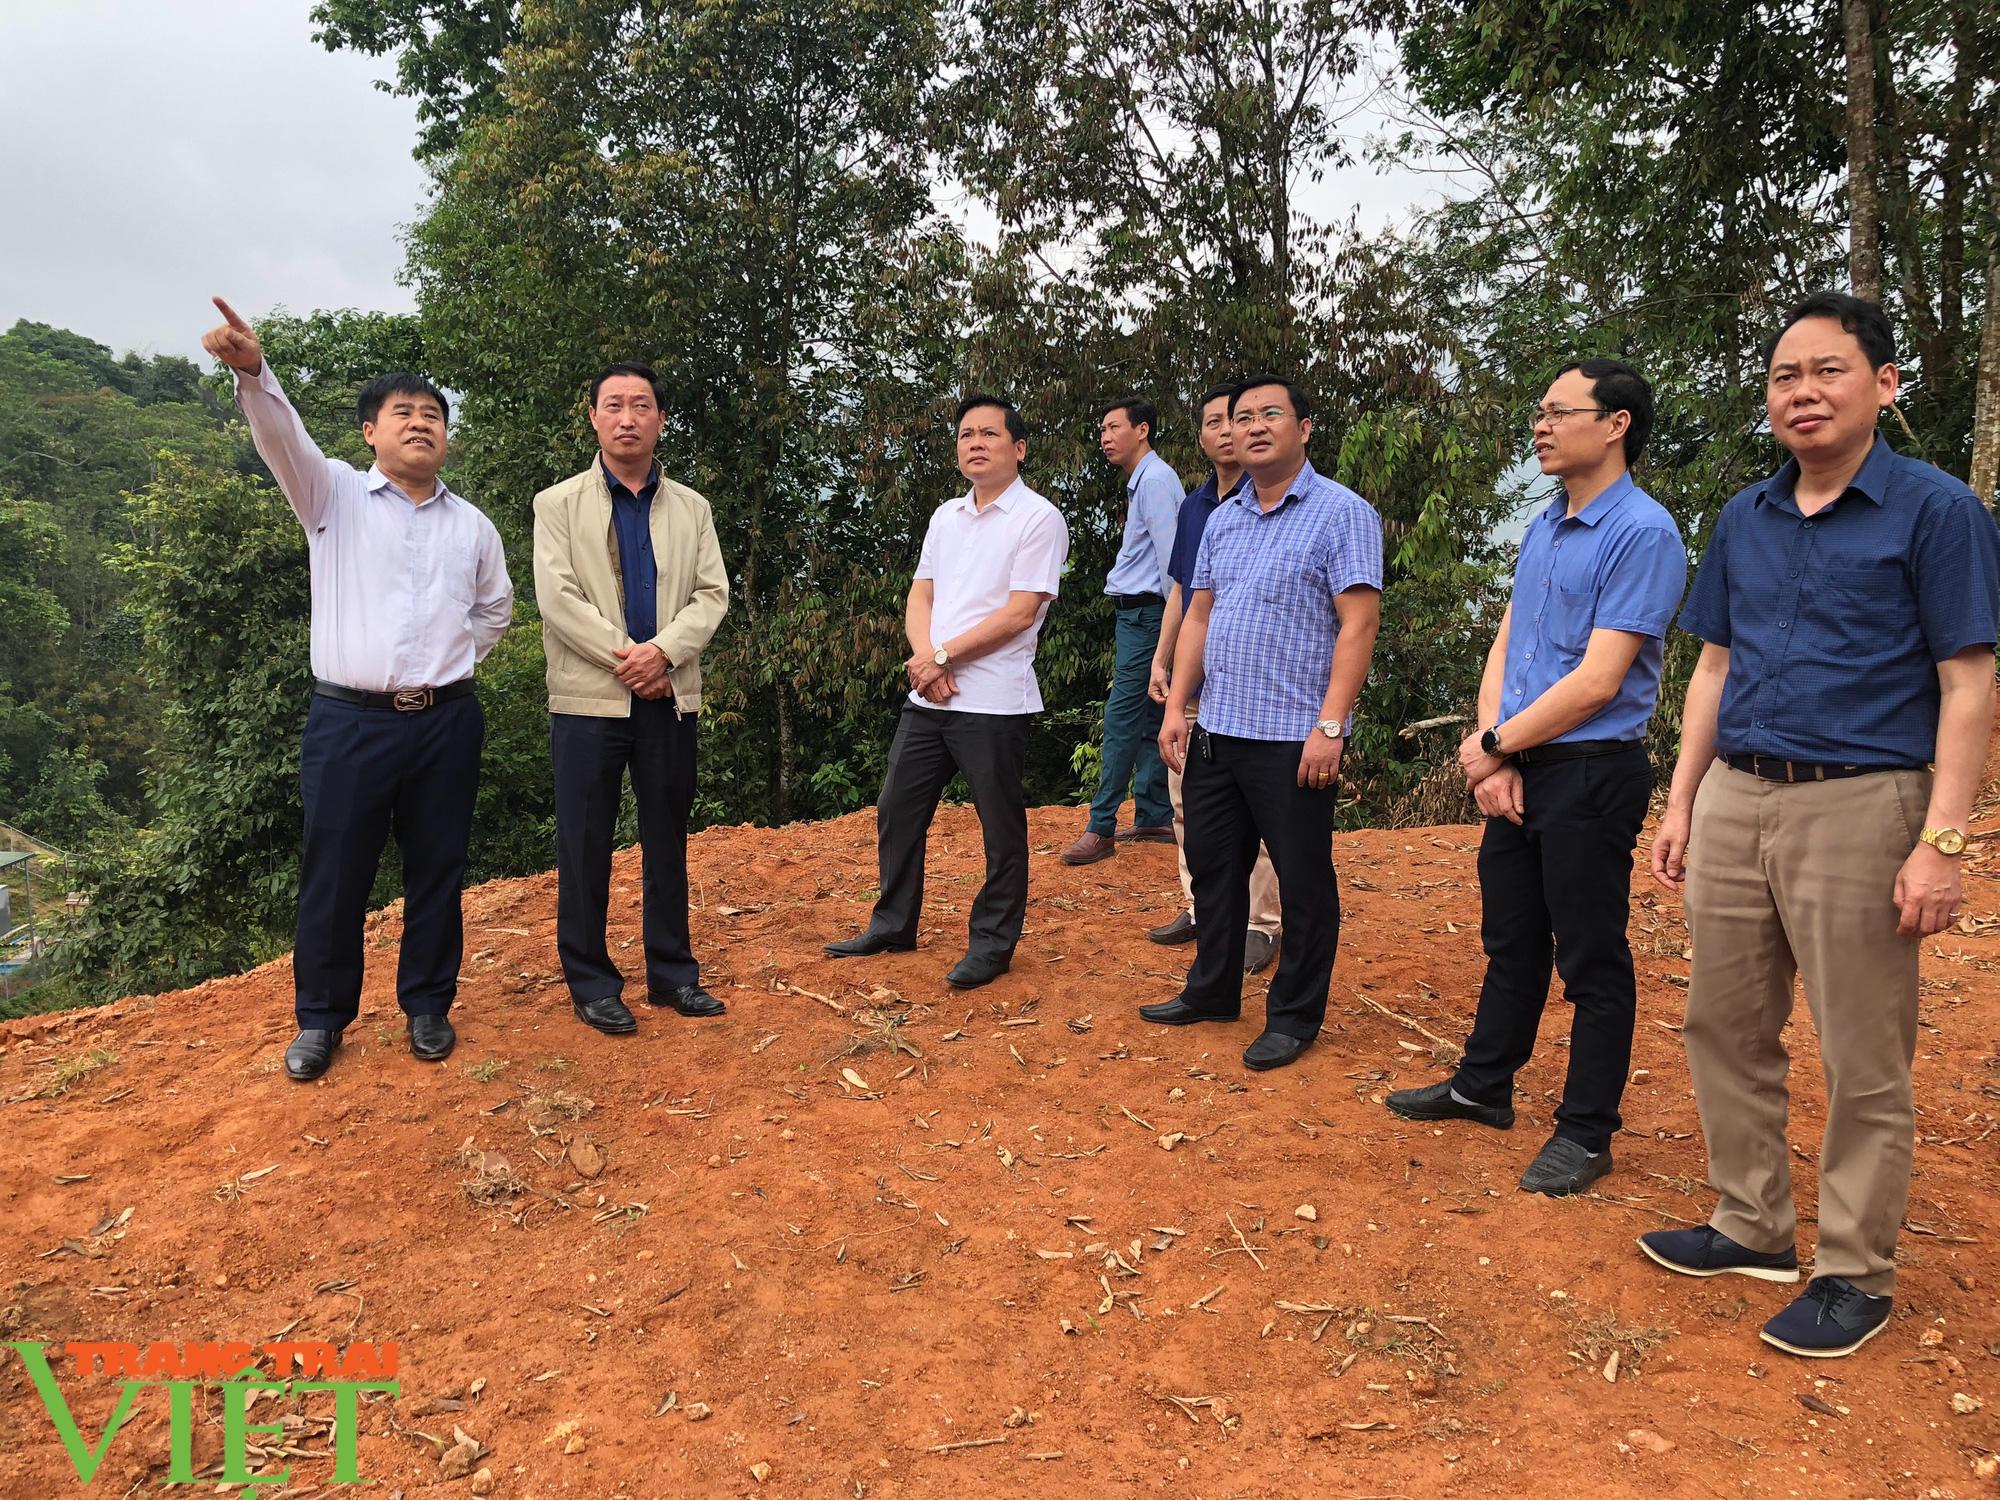 Điểm sáng trong xây dựng nông thôn mới ở xã nghèo vùng biên - Ảnh 1.